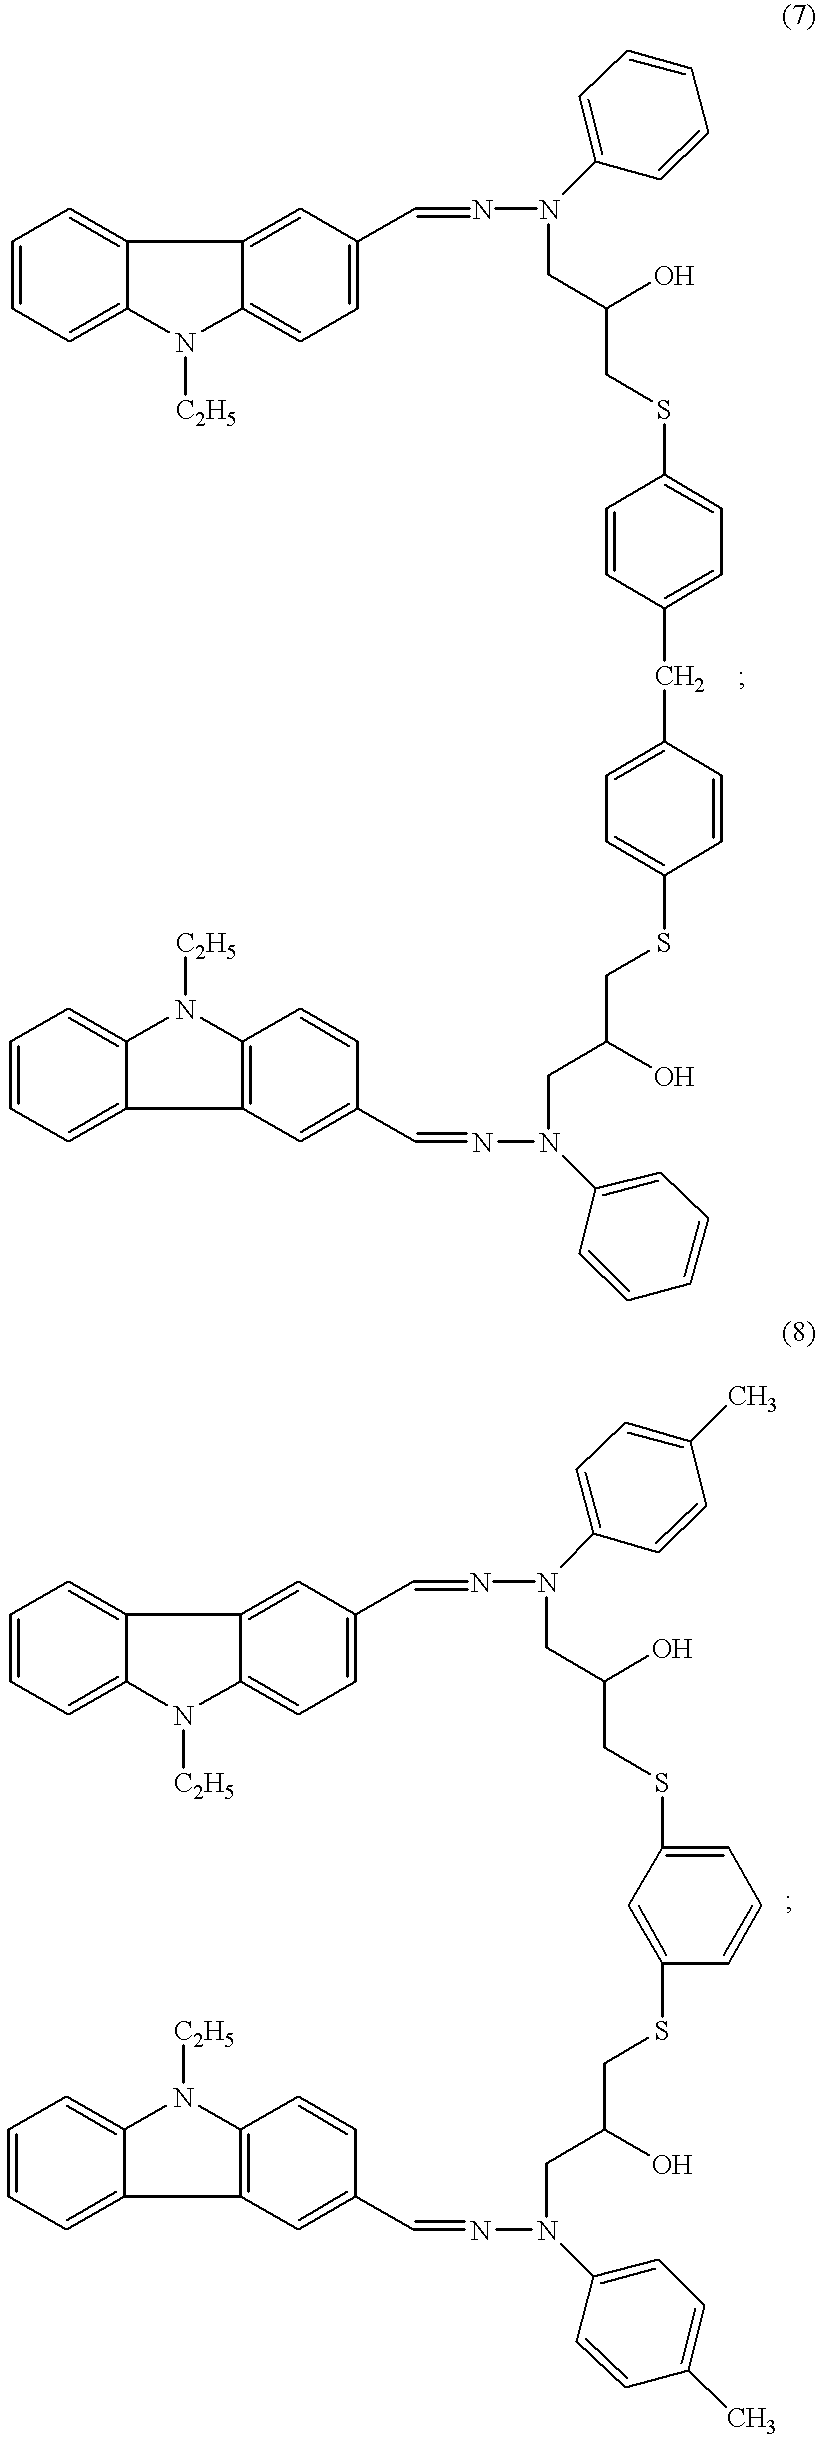 Figure US06214503-20010410-C00033